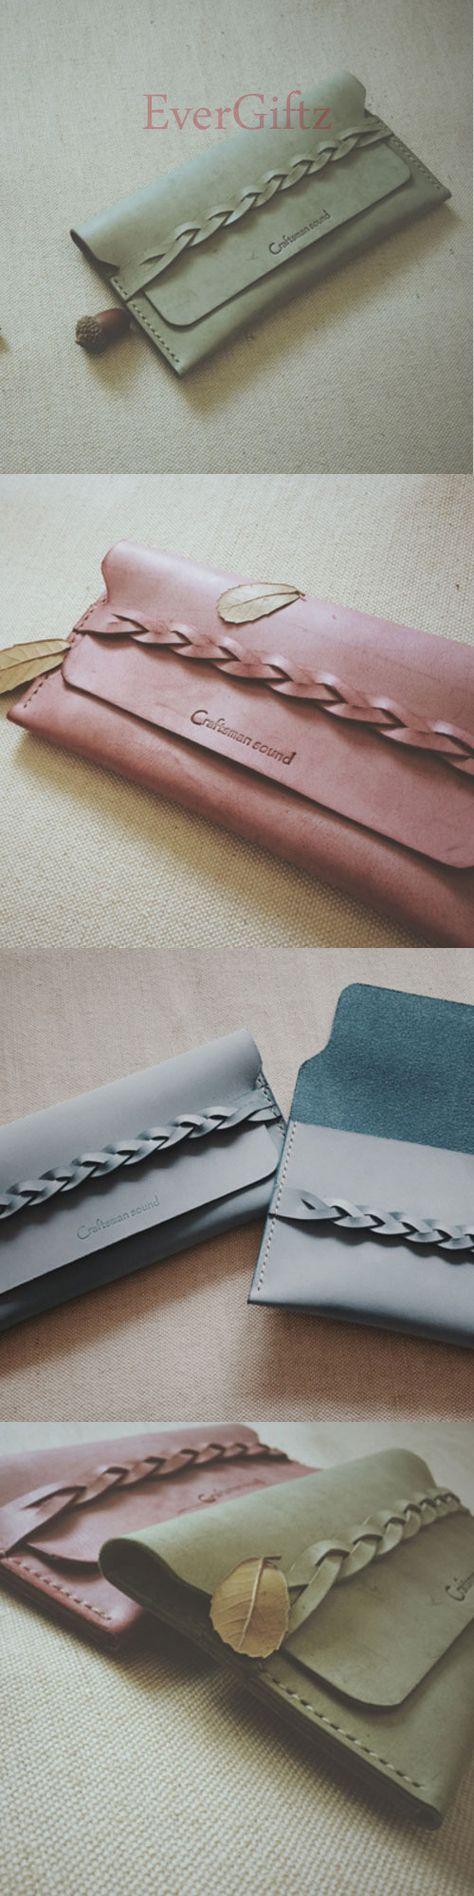 Handgemachte Leder Vintage geflochtene Frauen lange Brieftasche Kupplung Telefon Geldbörse Brieftasche – nähen